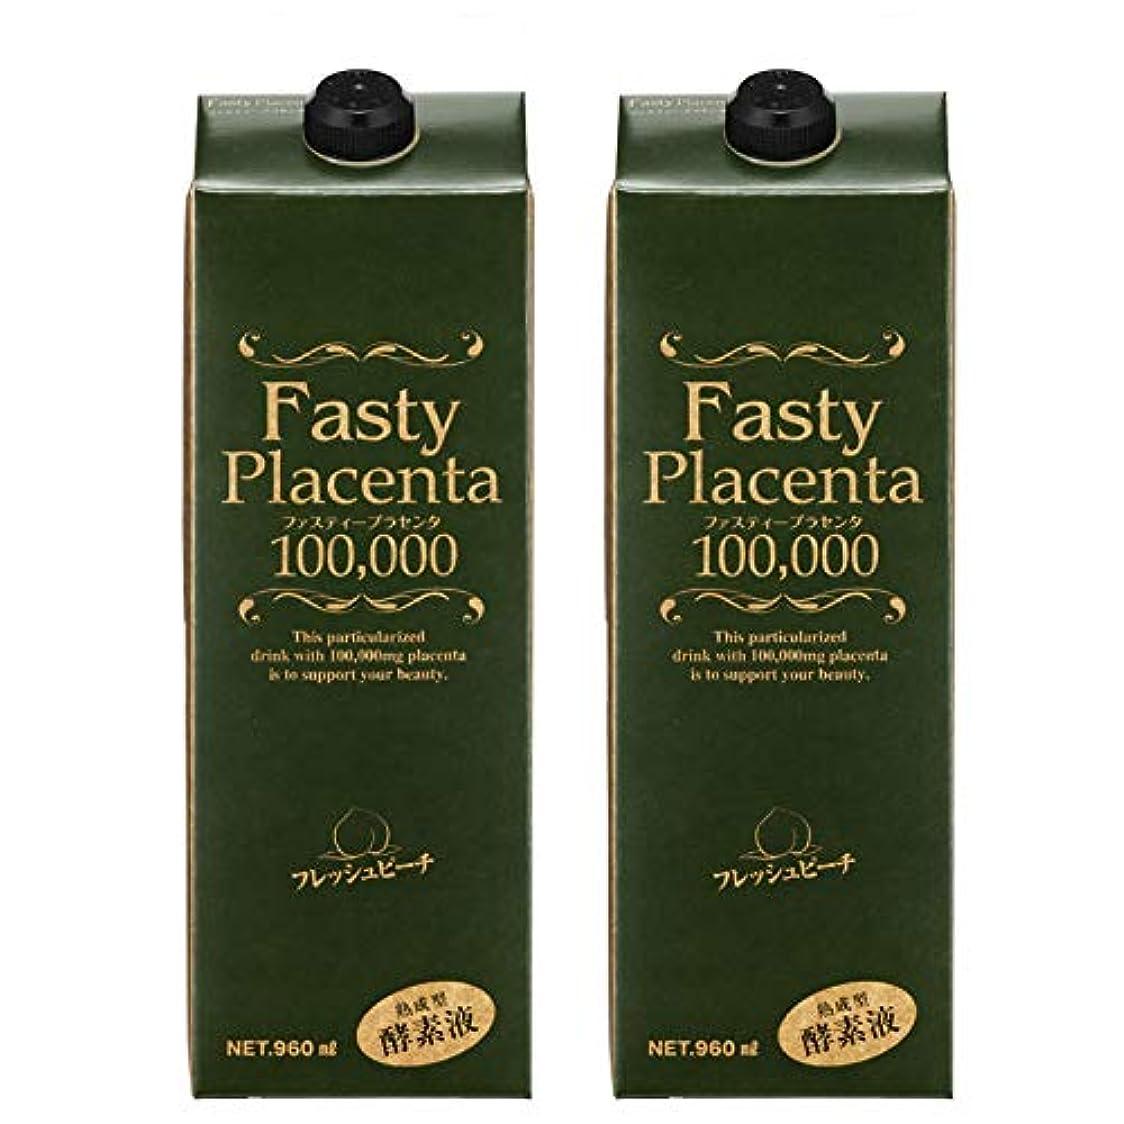 進行中無視できる大理石ファスティープラセンタ100,000 増量パック(フレッシュピーチ味) 2本